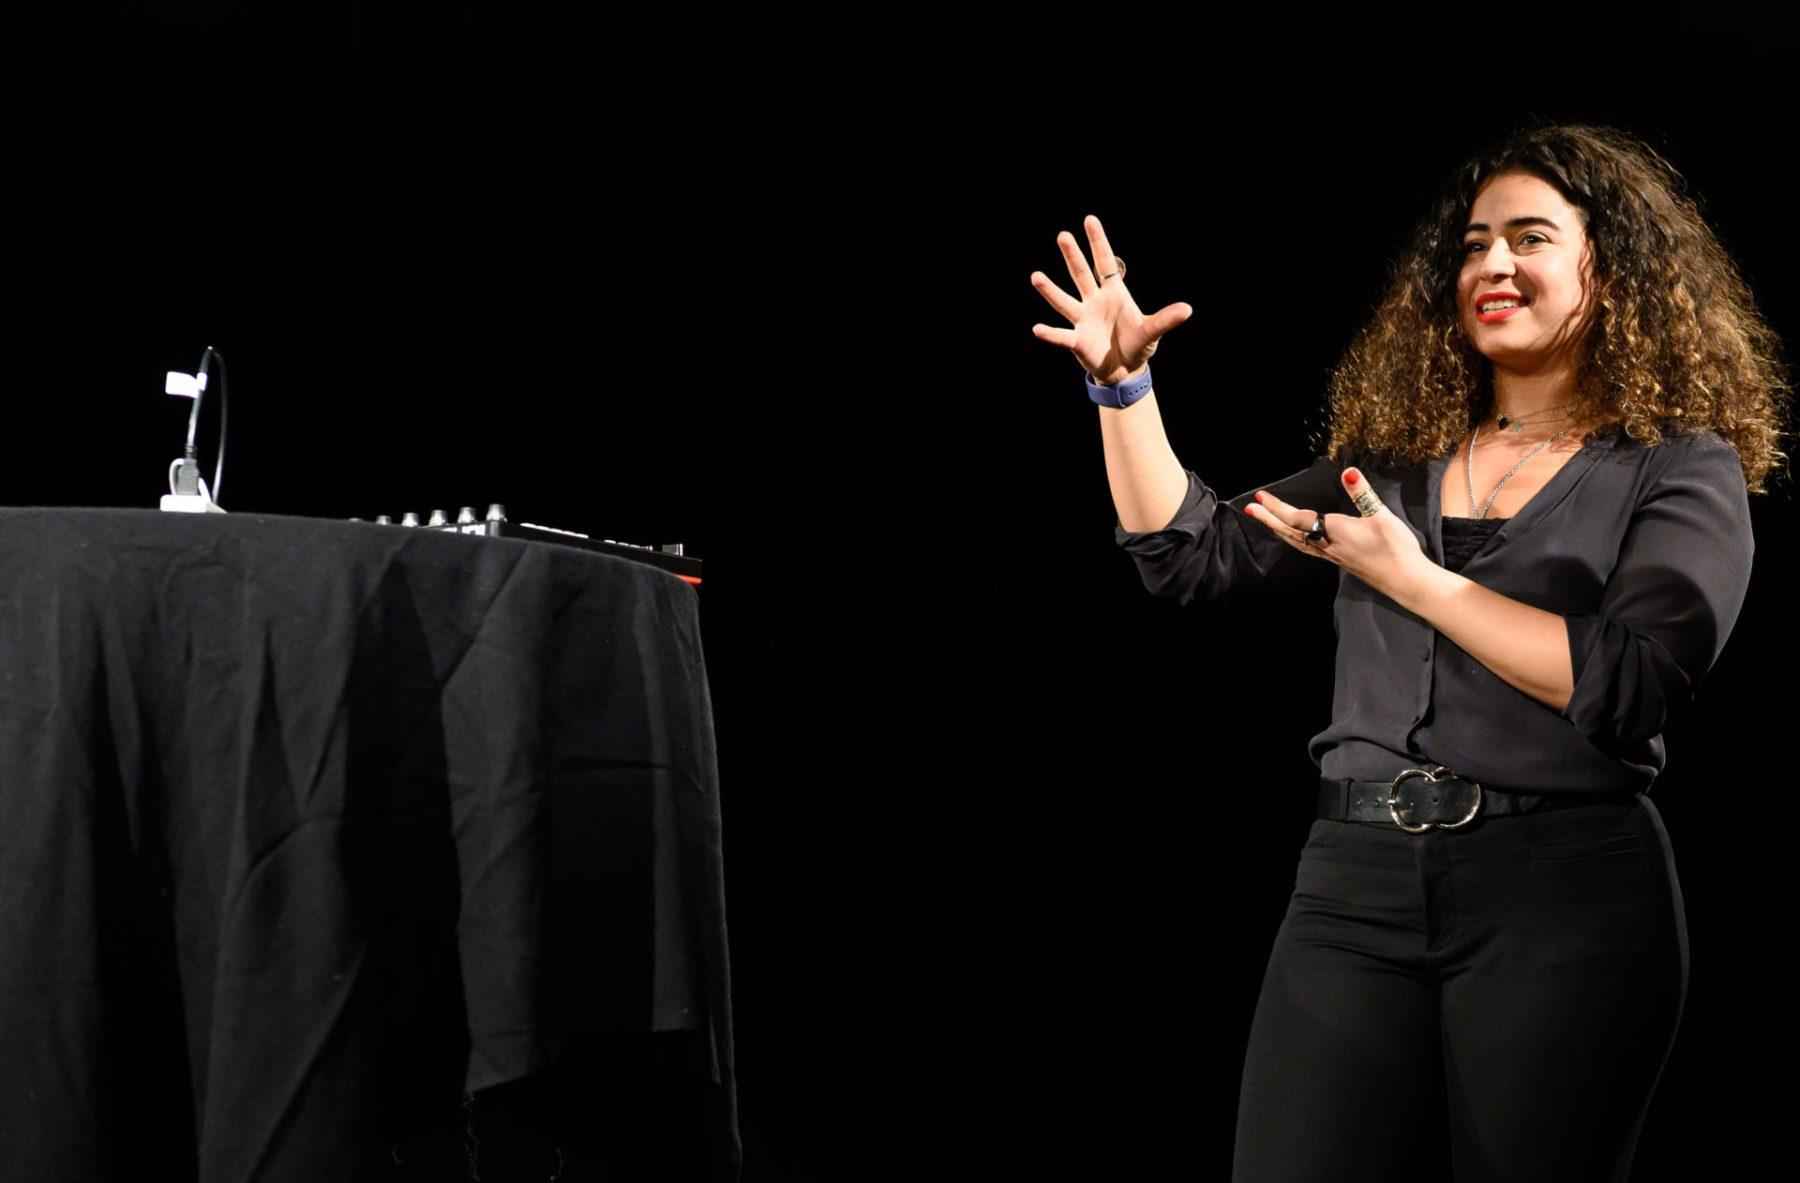 Kimia Koochakzadeh-Yazdi at Still Life with Avalanche